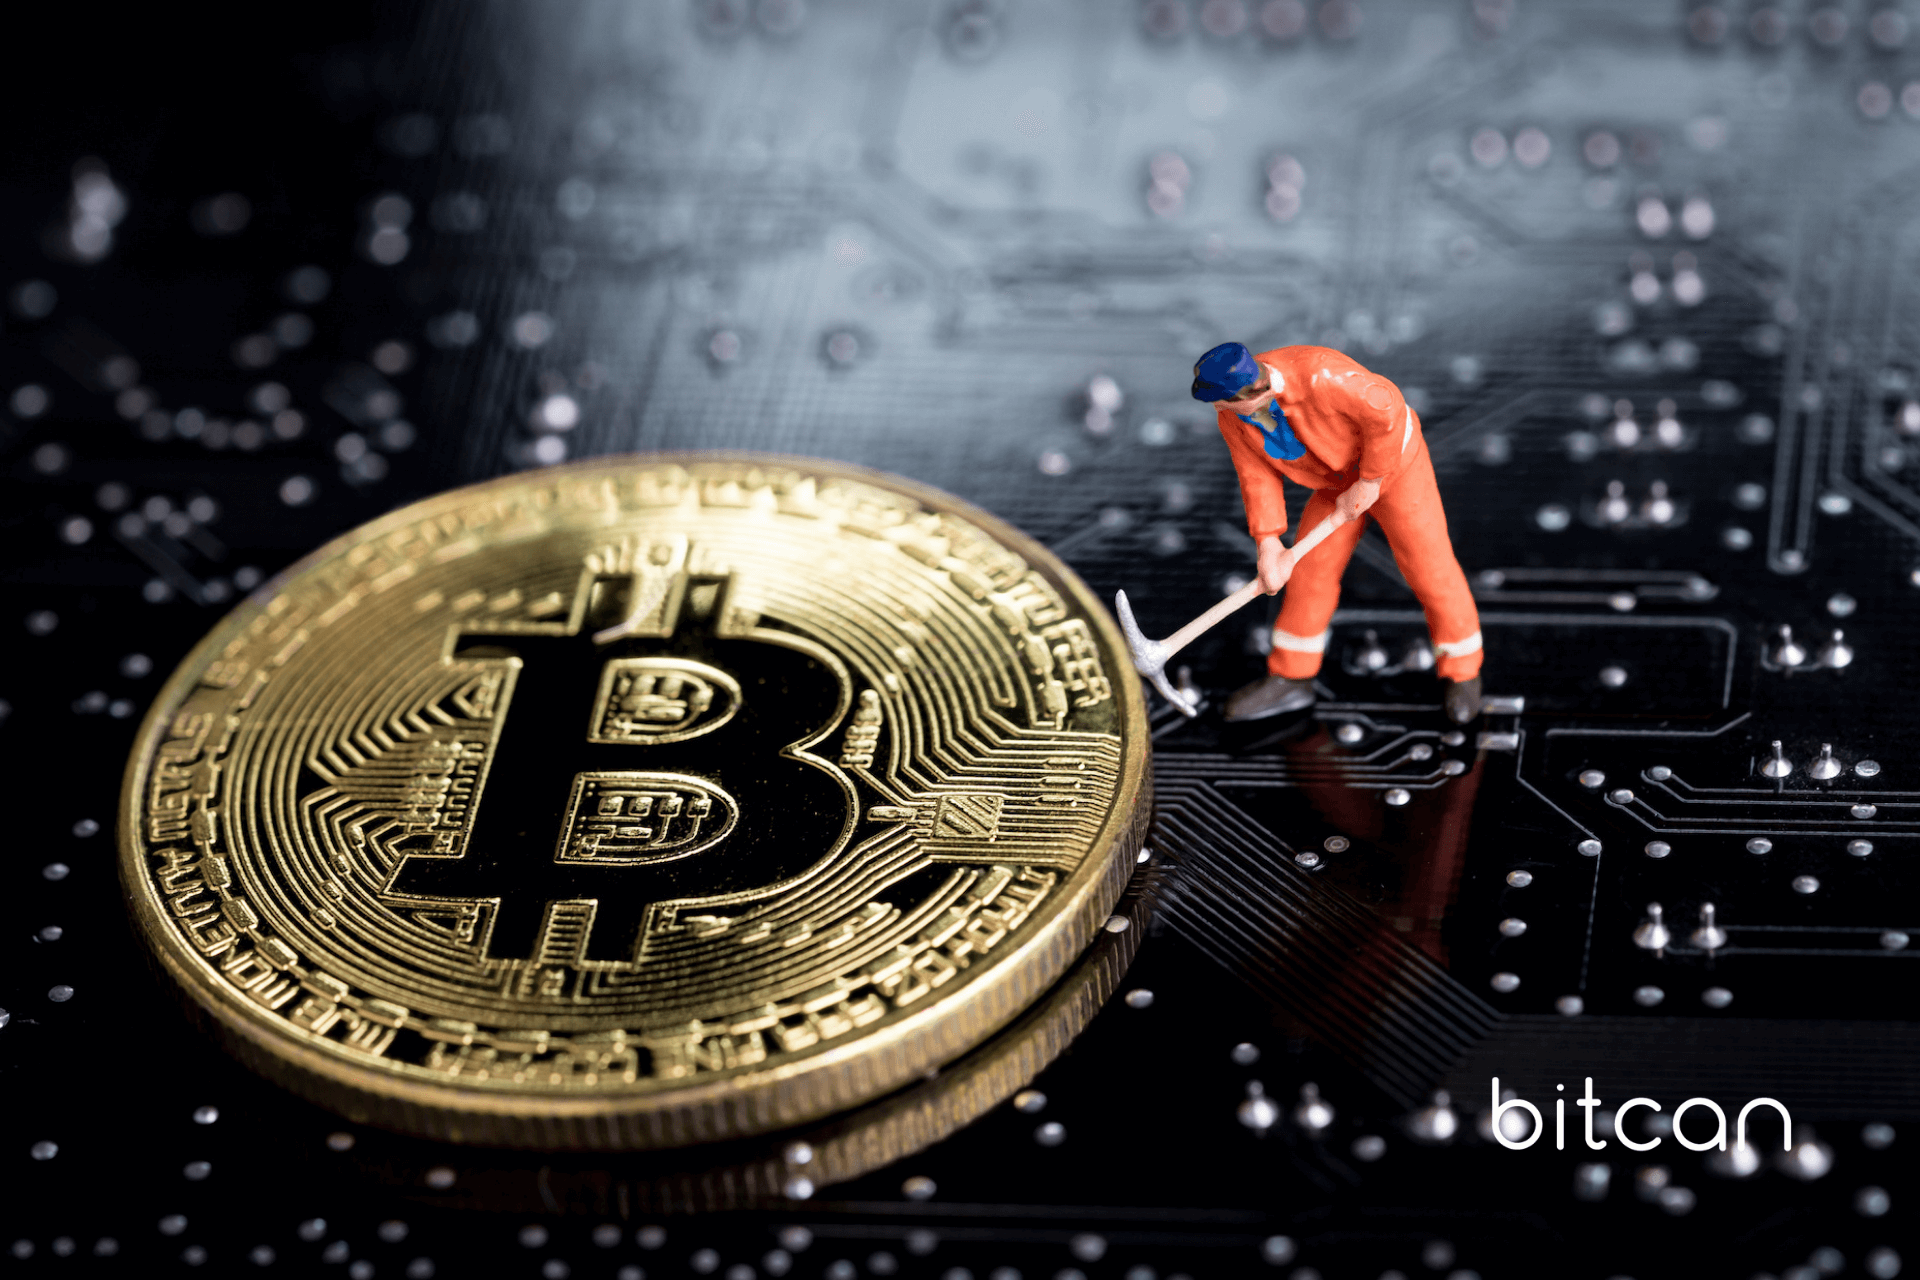 Zastanawiało Cię wydobywanie bitcoina? Sprawdź, co musisz przygotować do kopania swoich pierwszych monet